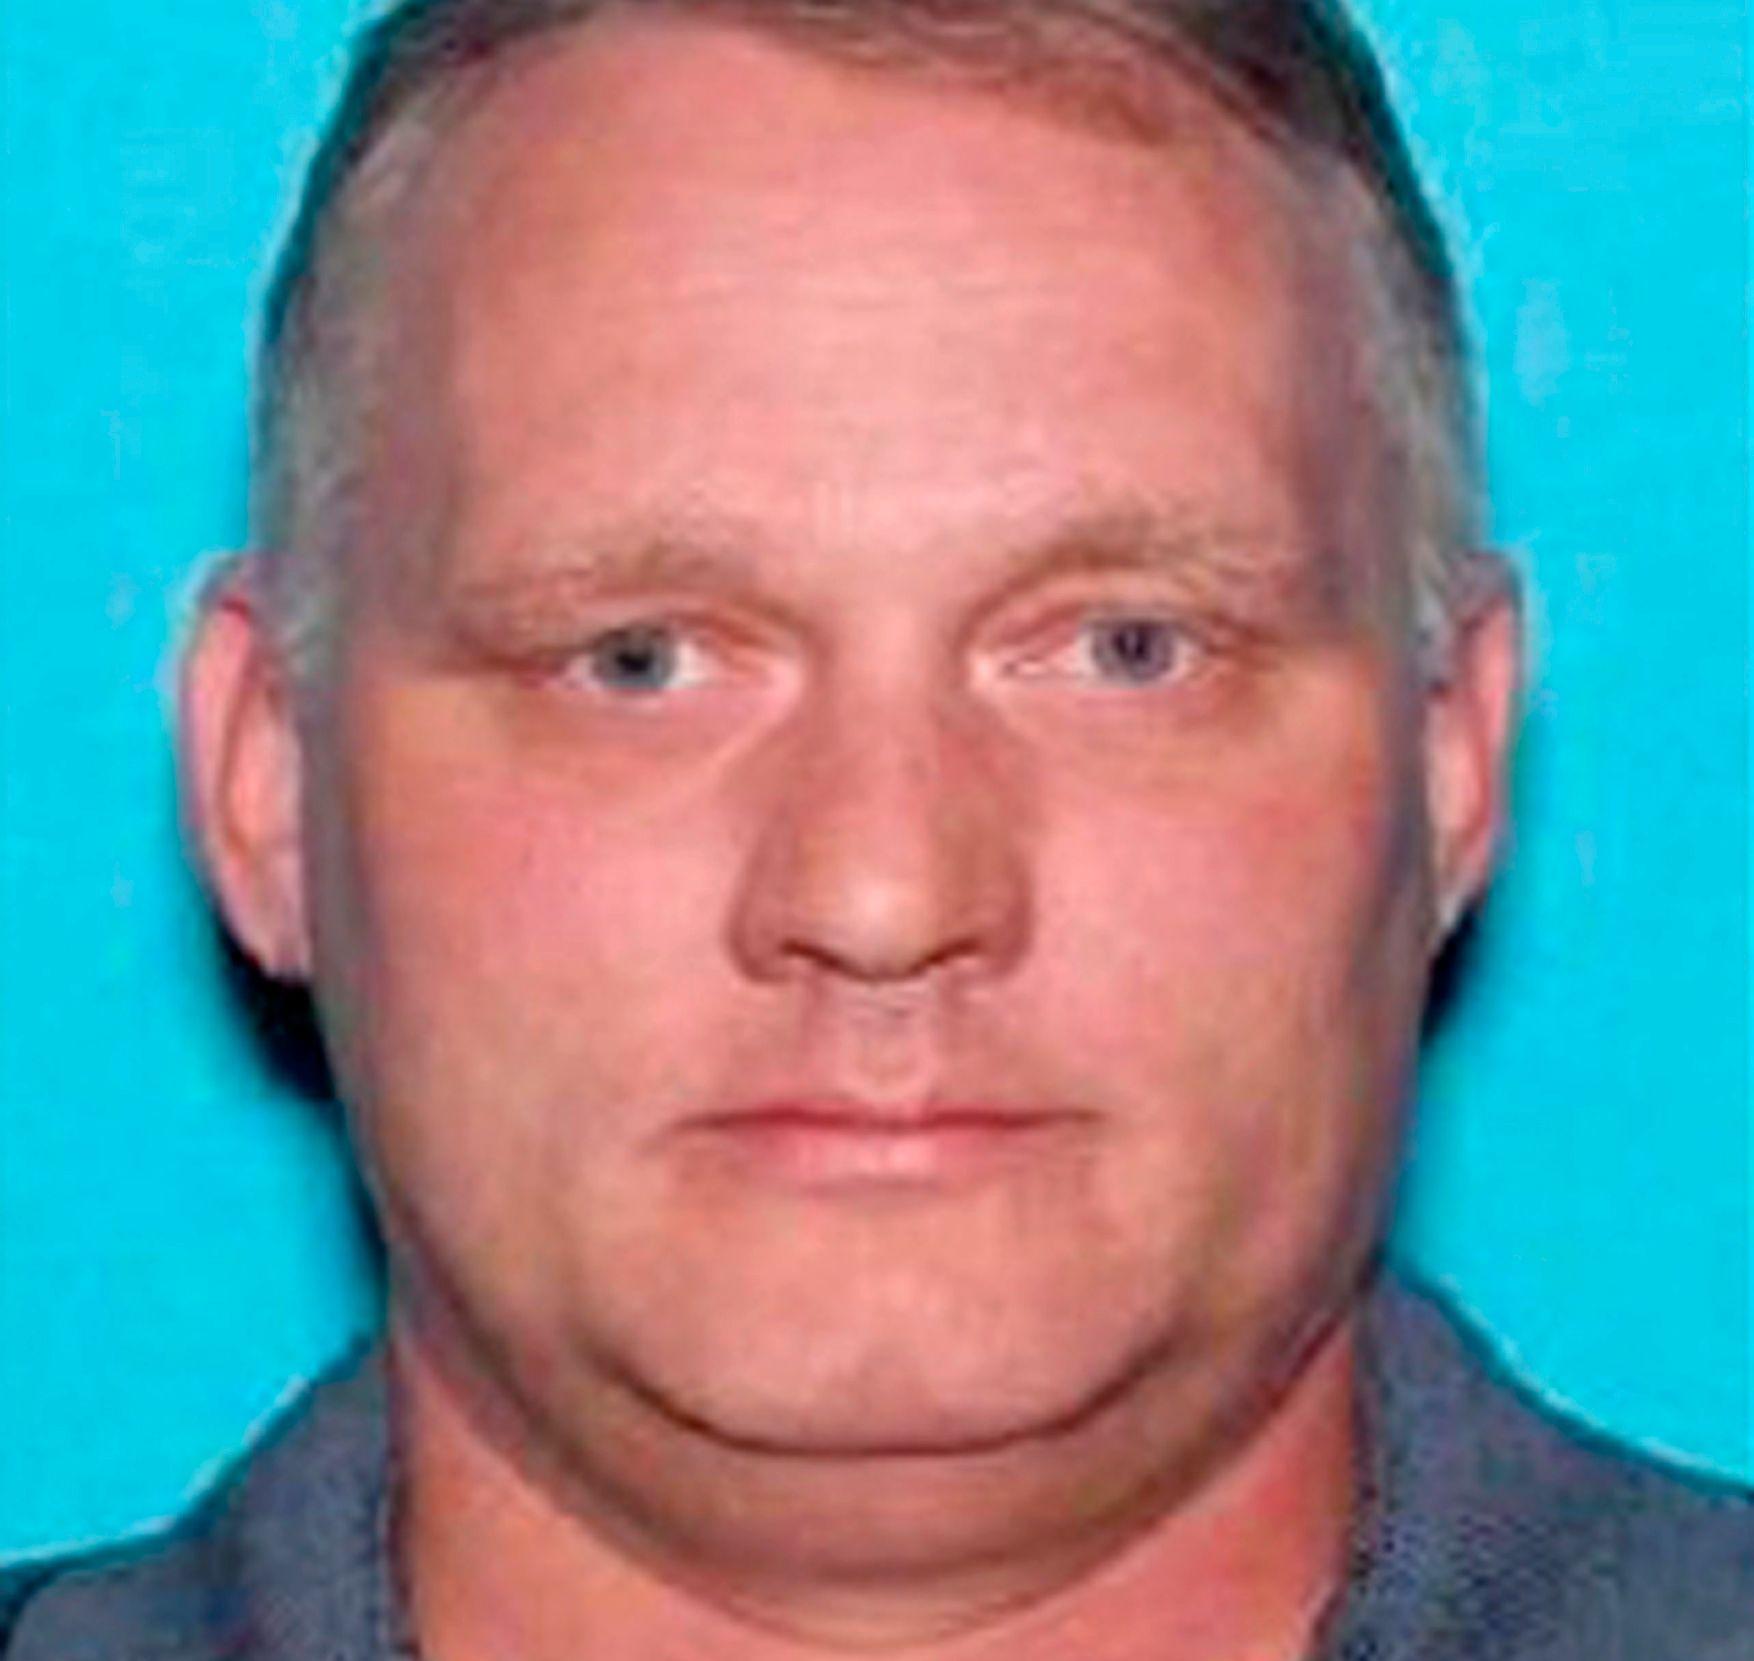 TILTALT: Robert Bowers er tiltalt for å ha drept elleve personer, såret seks og for tilfeller av hatkriminalitet i den 44 punkt lange tiltalen mot ham.